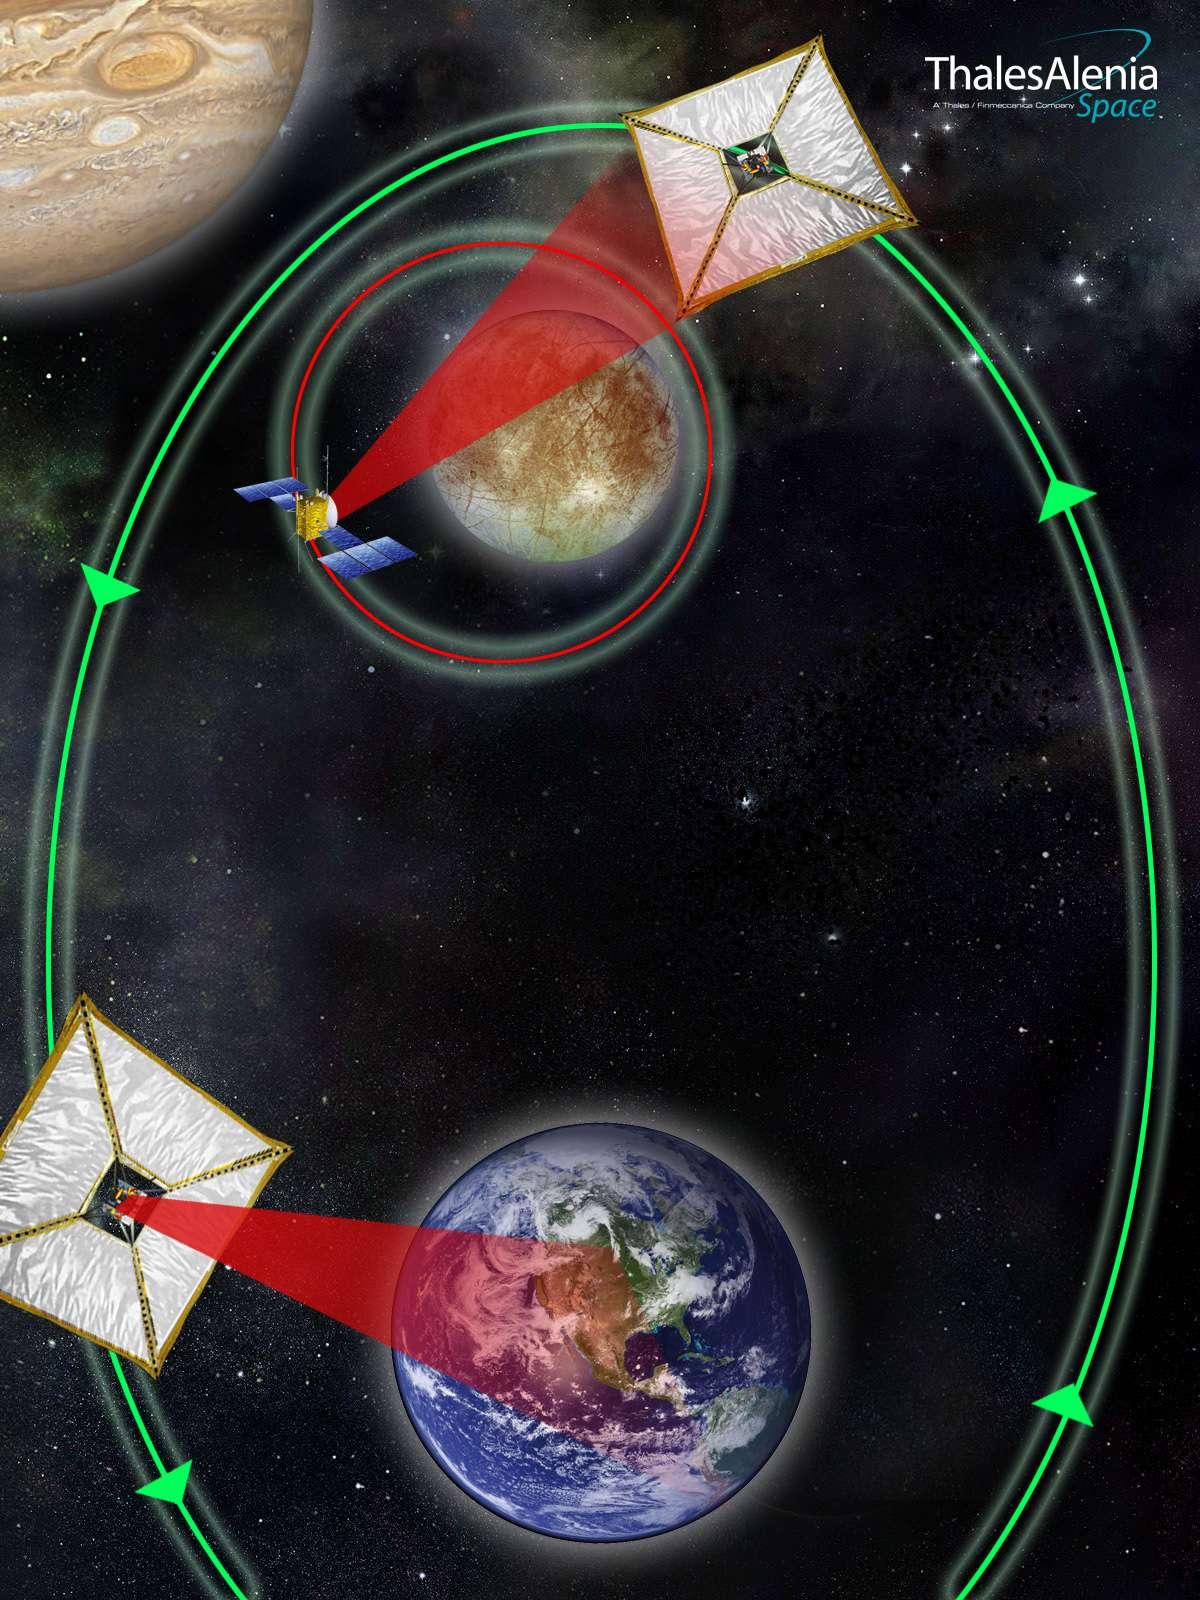 Une vue d'artiste de l'idée de Joël Poncy et ses collègues : utiliser une voile solaire sur une orbite croisant celles de la Terre et de Jupiter pour transmettre plus rapidement, à l'aide d'un faisceau laser (en rouge sur le dessin), les données planétologiques. © Thales Alenia Space